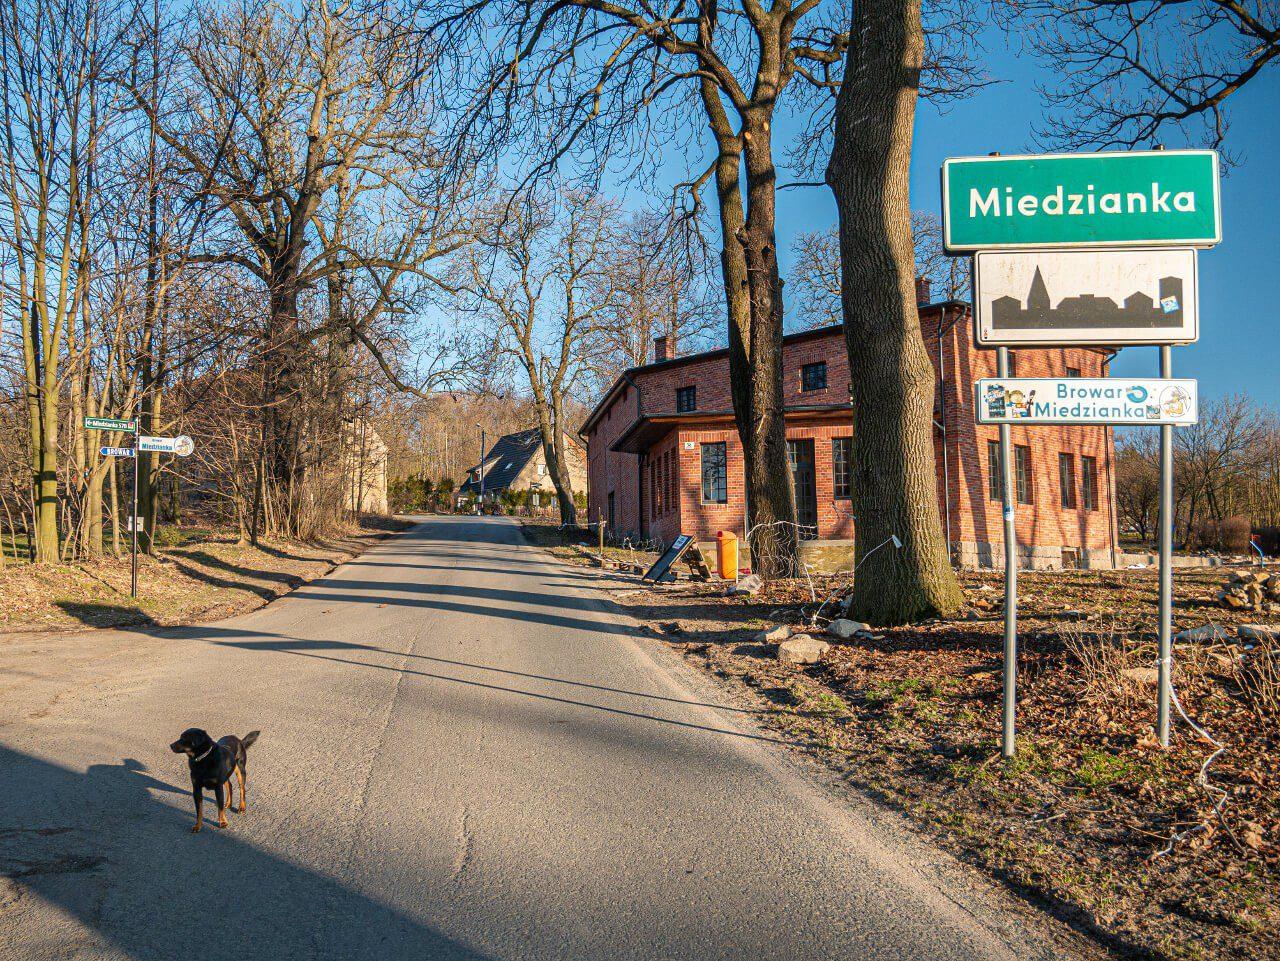 Miedzianka opuszczone miasto Dolny Śląsk